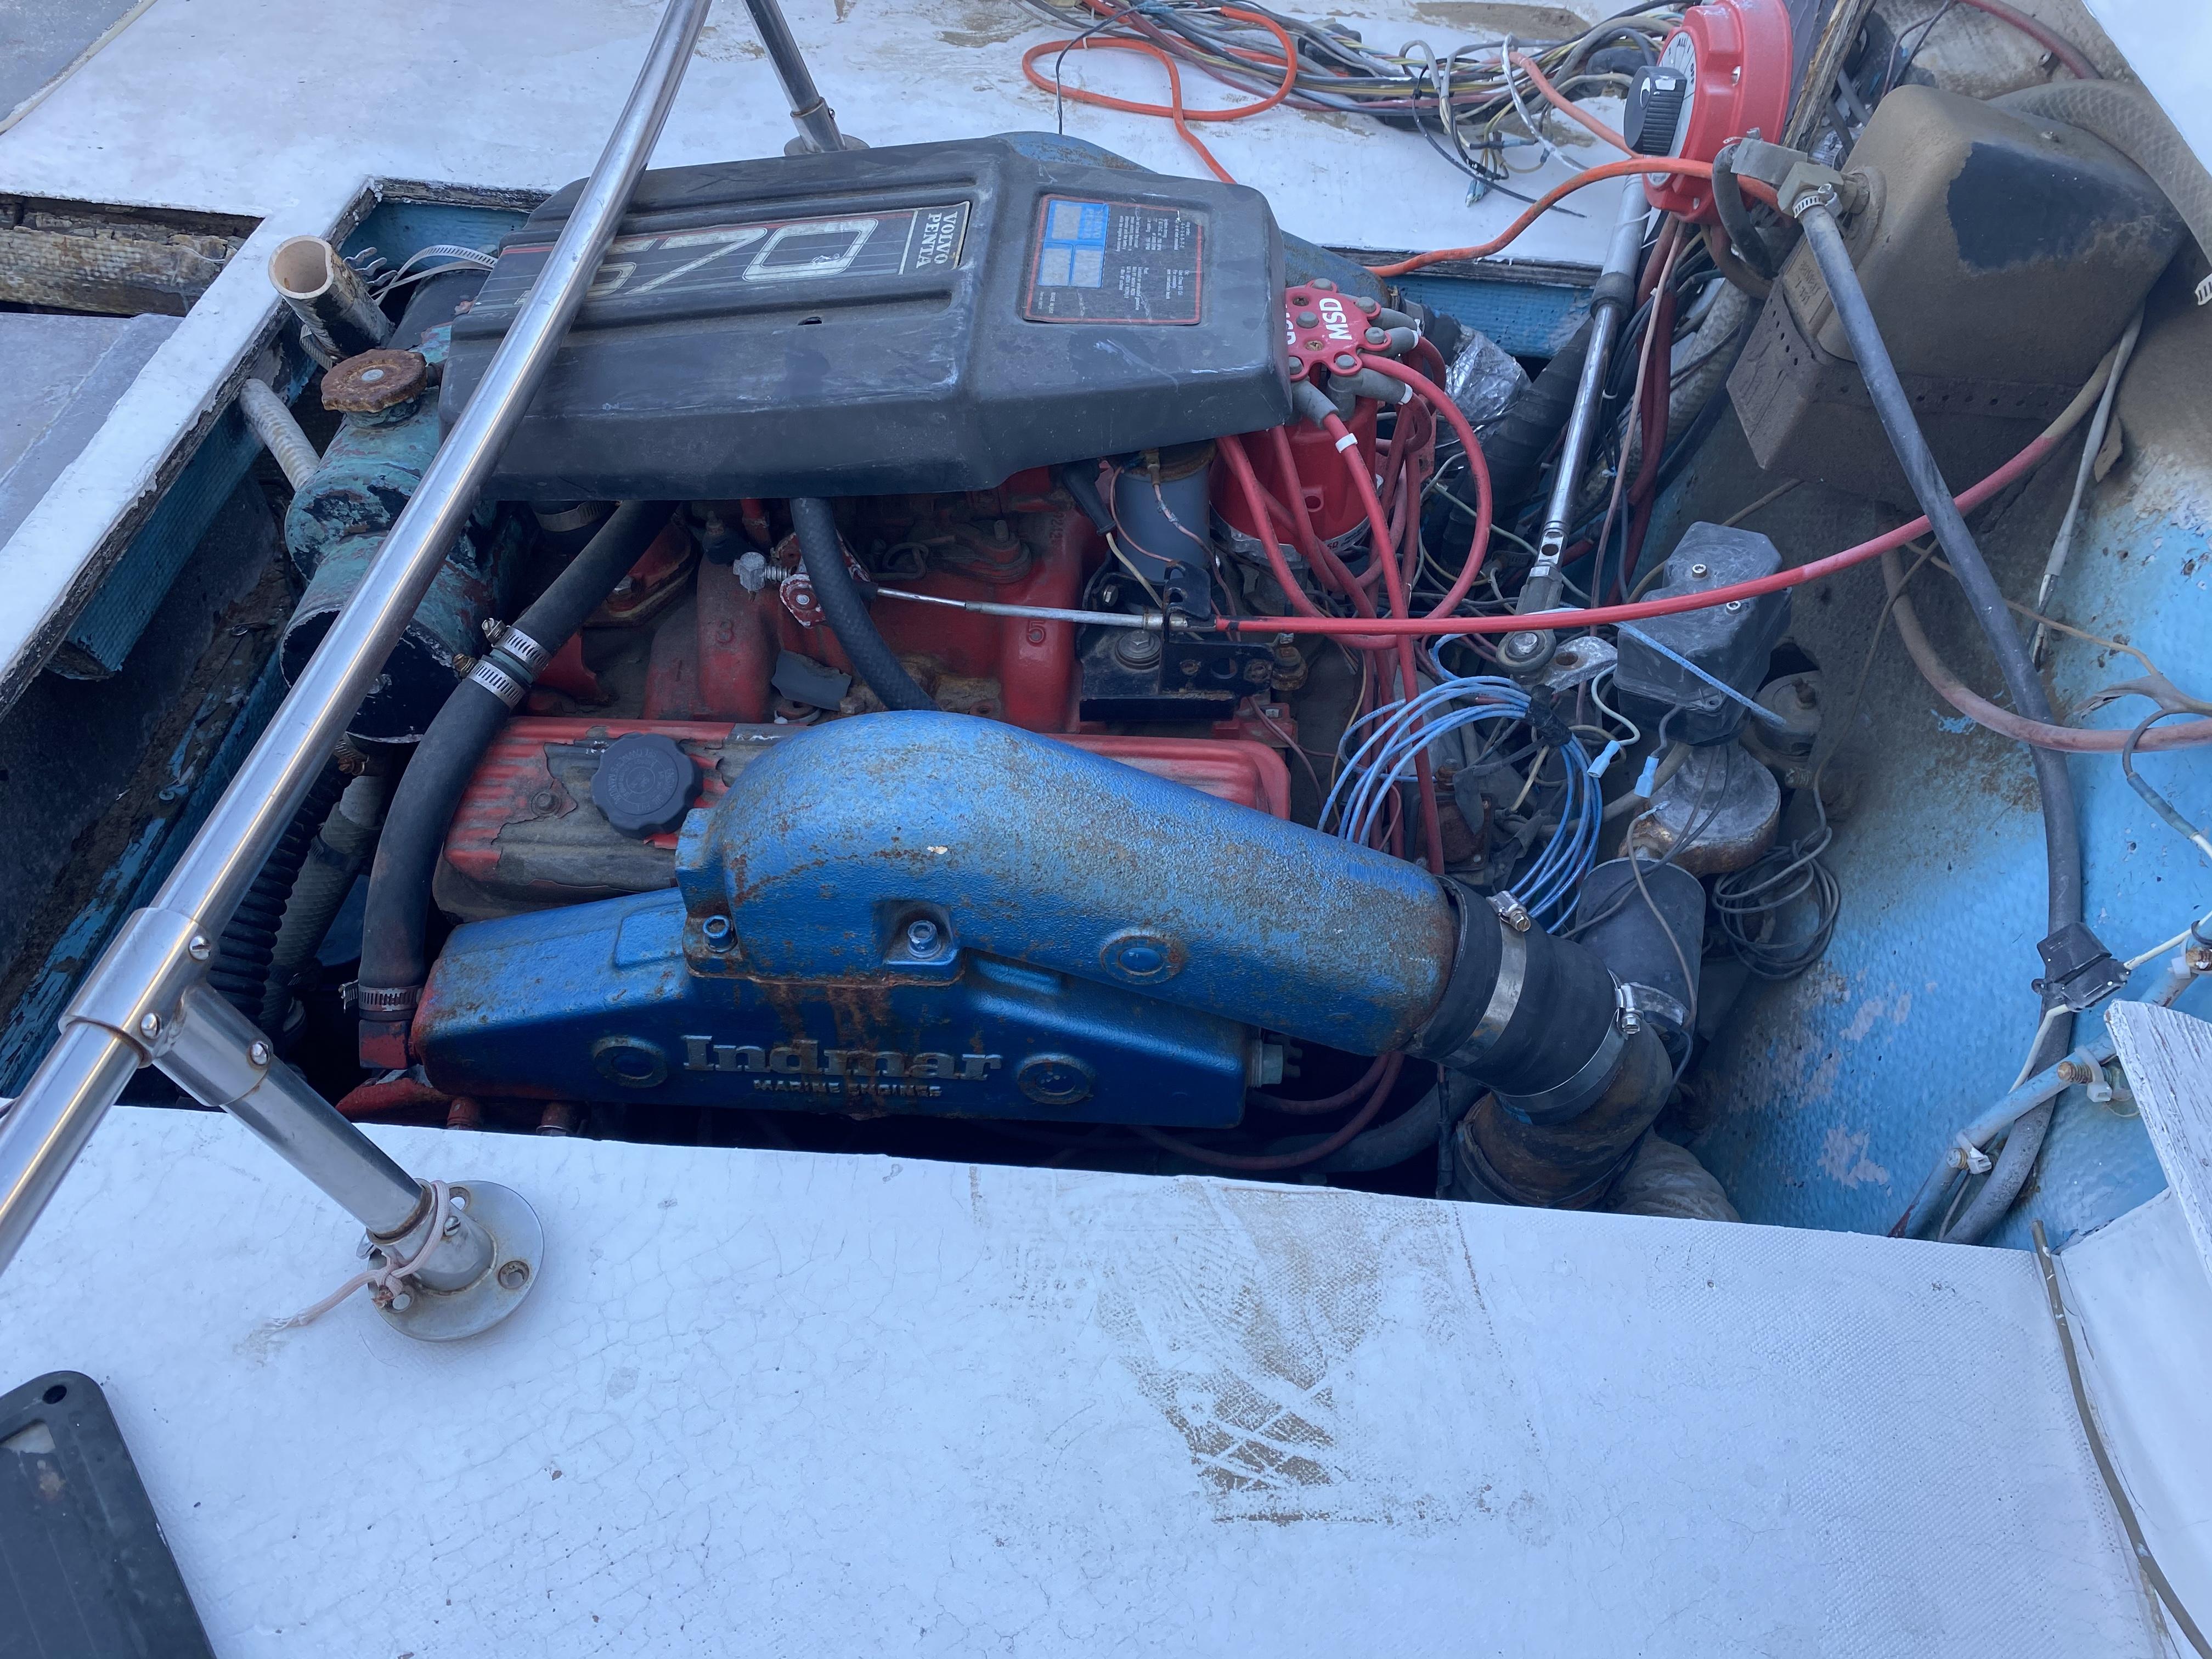 77ADB21B-CDB0-4A37-9827-E5D64EF29CC6.jpeg